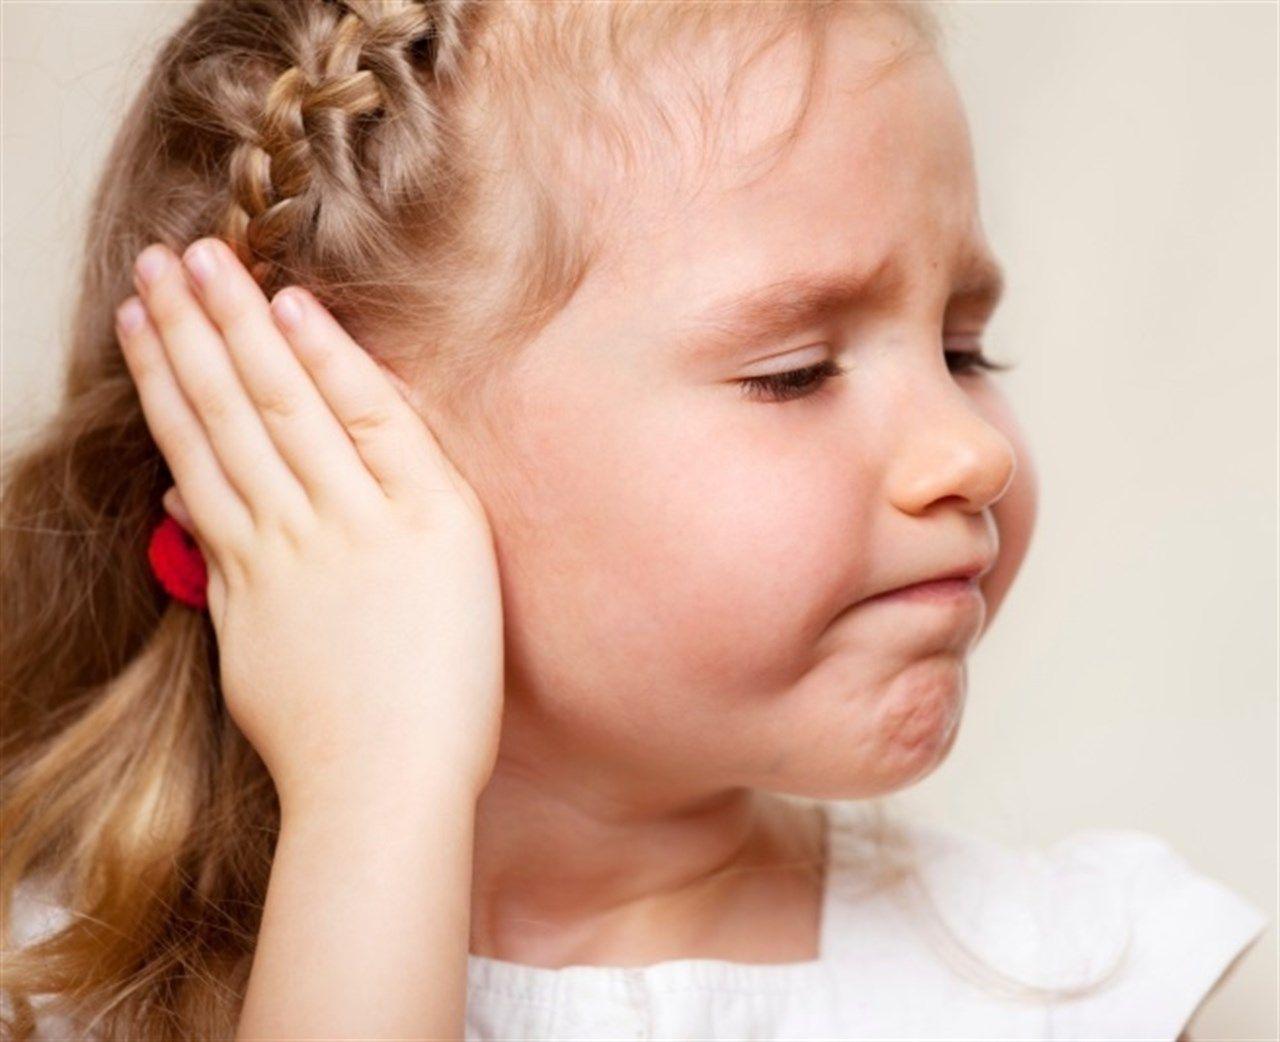 Dolor de oido en ninos que hacer remedio casero